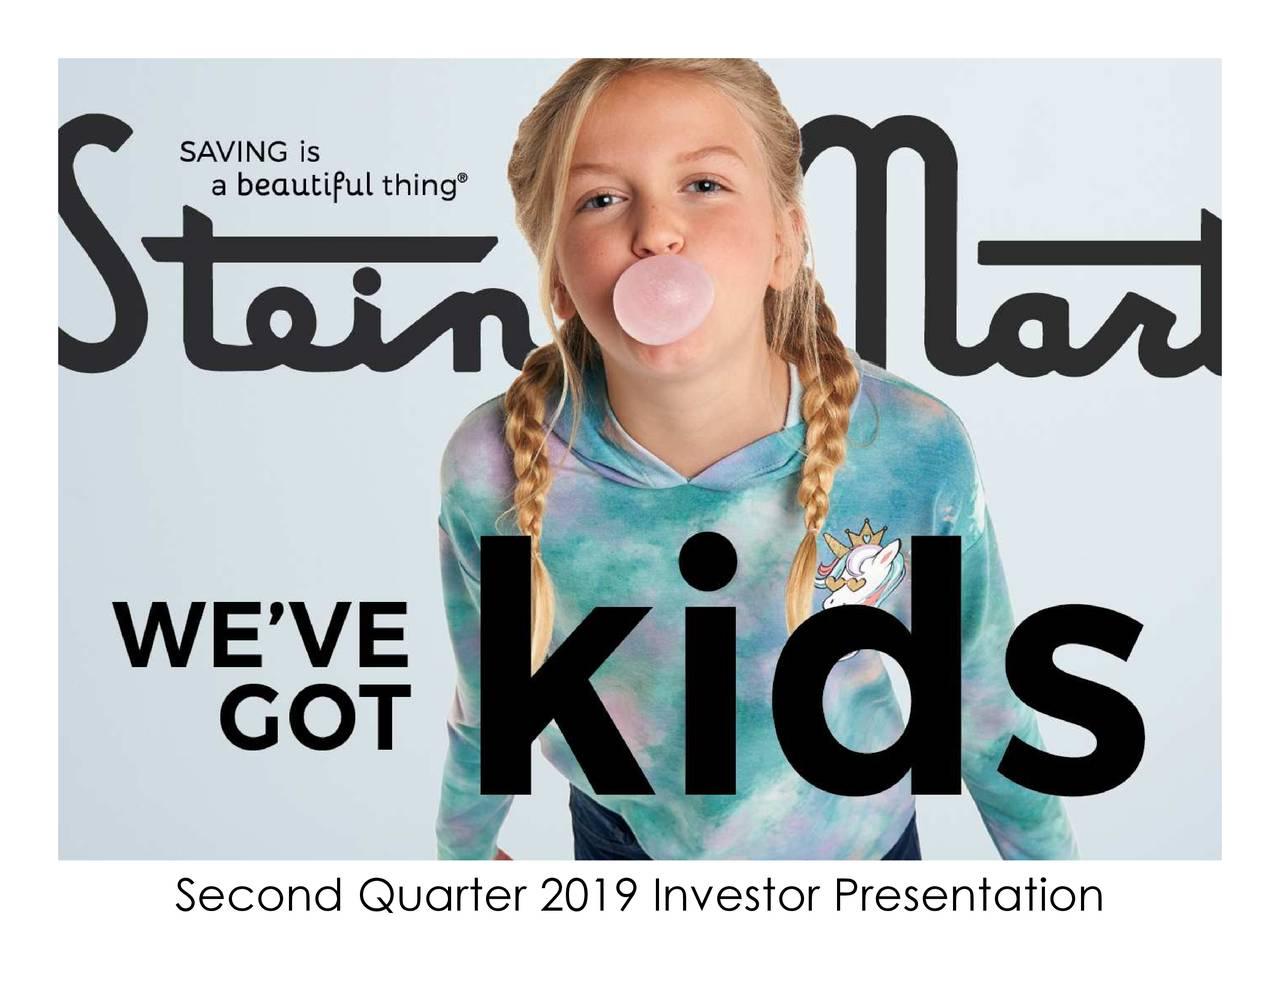 Second Quarter 2019 Investor Presentation